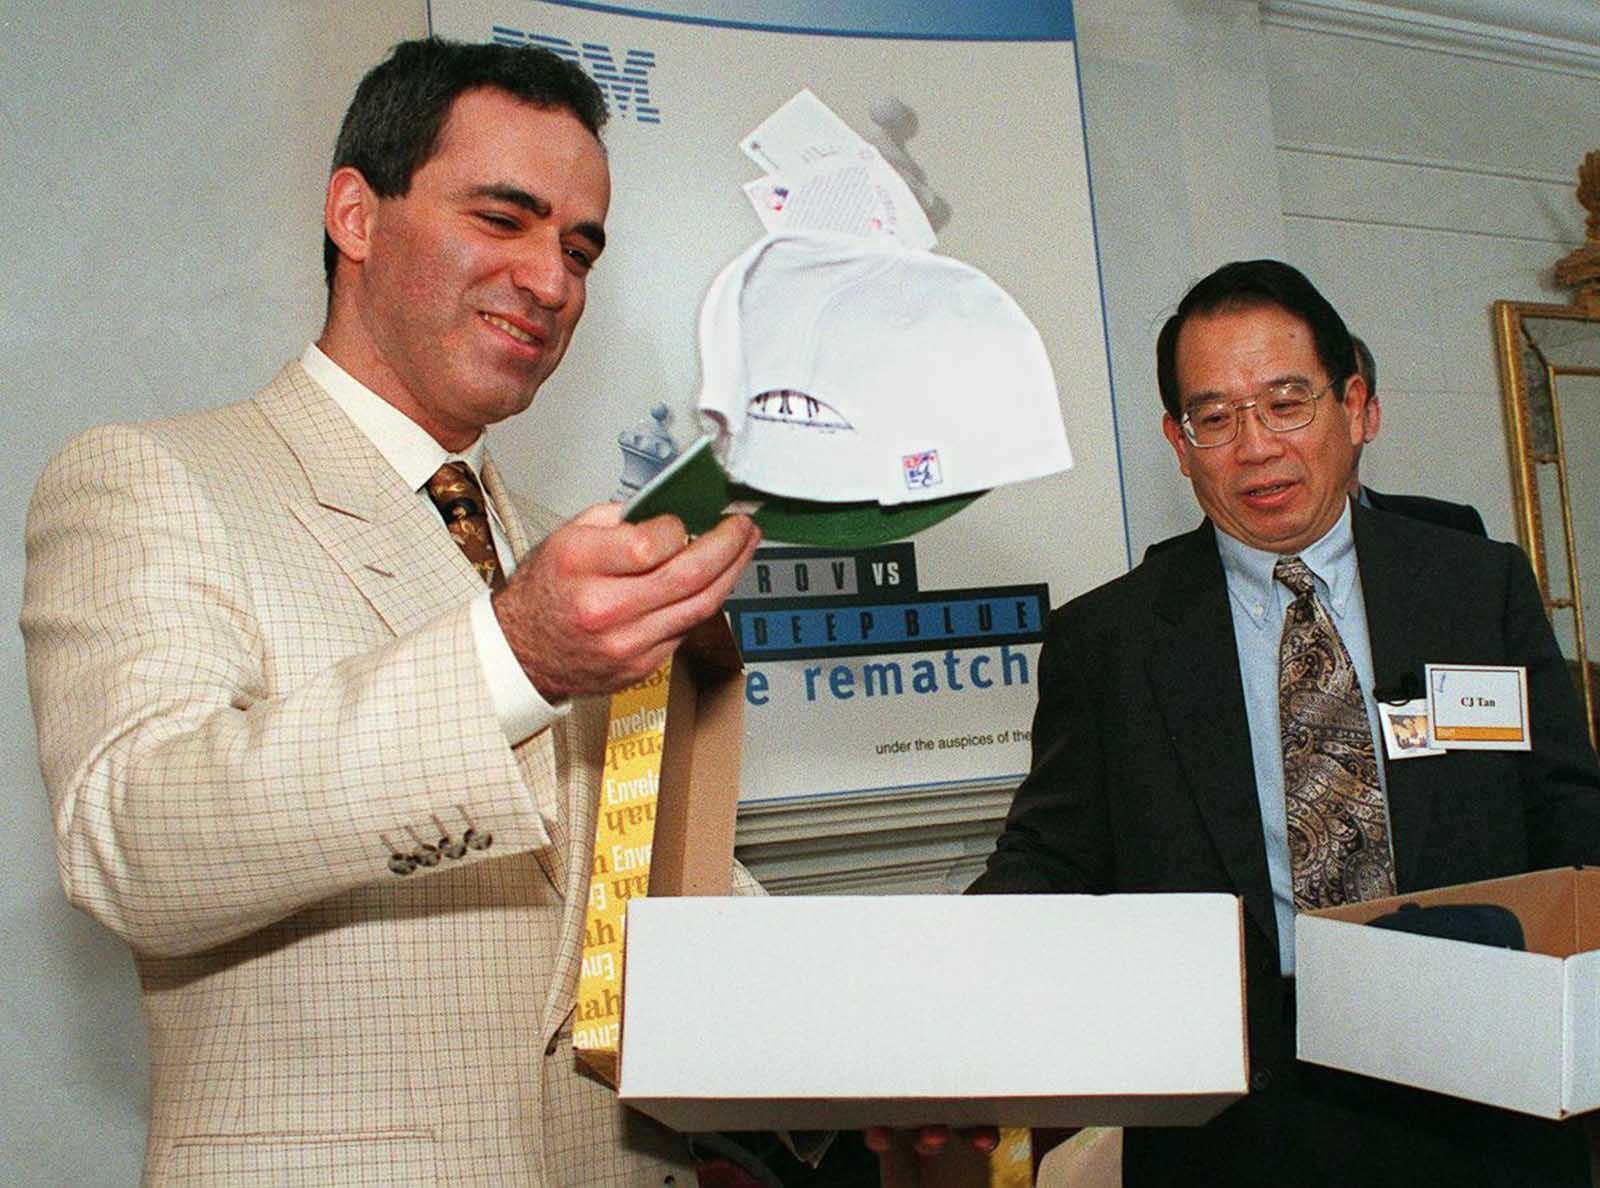 Kasparov levanta un sombrero blanco que significa que tendrá el primer movimiento en su revancha con Deep Blue.